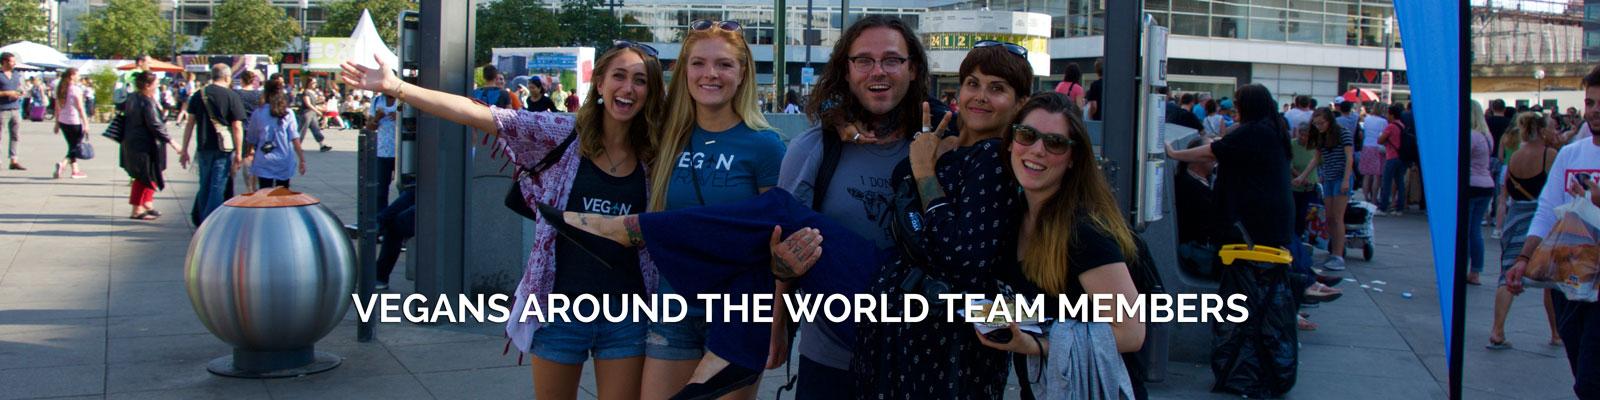 Vegans Around the World Team Members